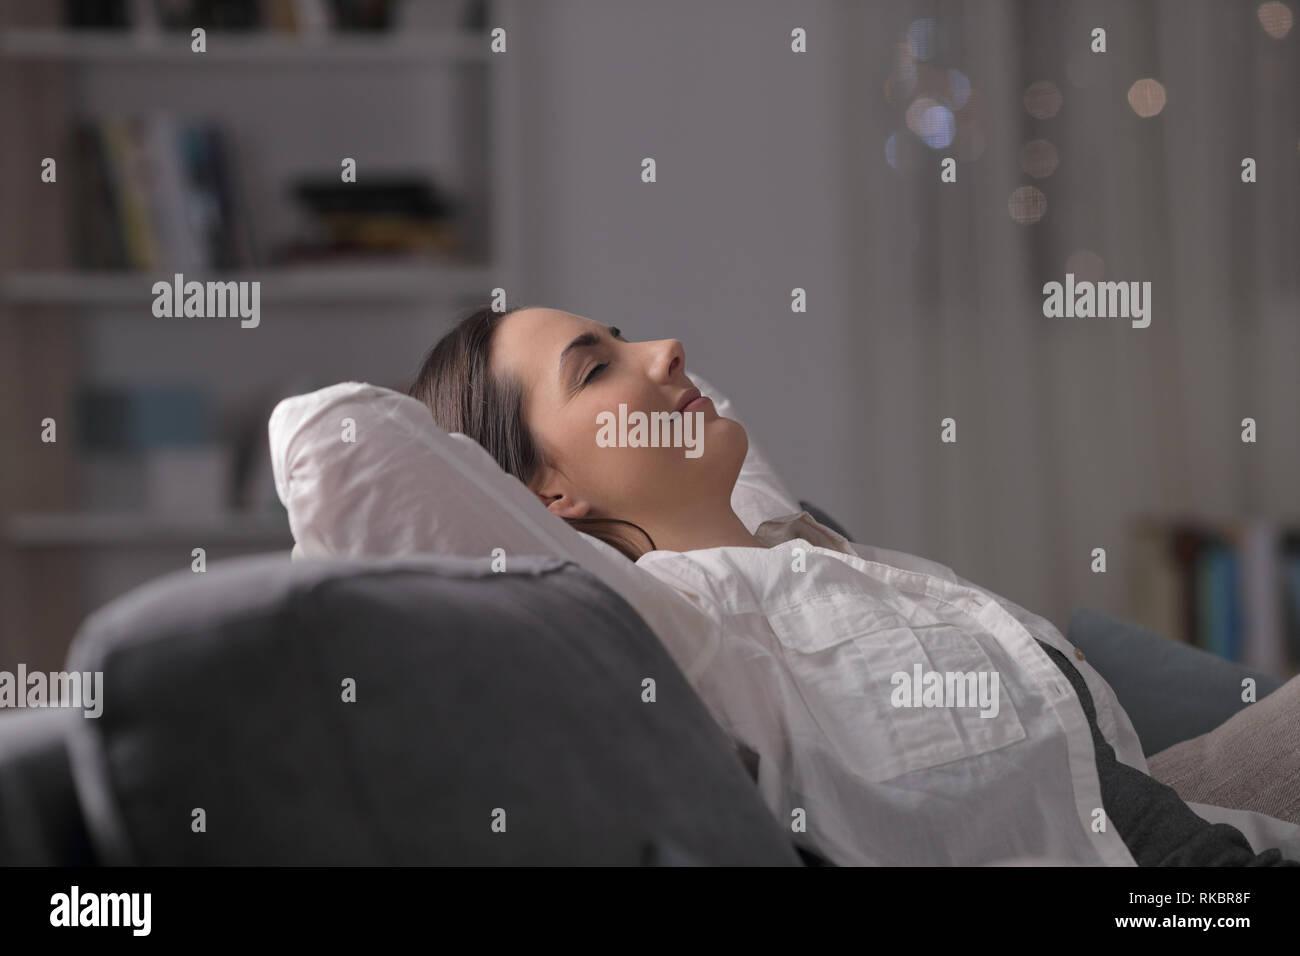 Vista laterale ritratto di una donna appoggiato comodamente seduto su un divano nella notte a casa Foto Stock